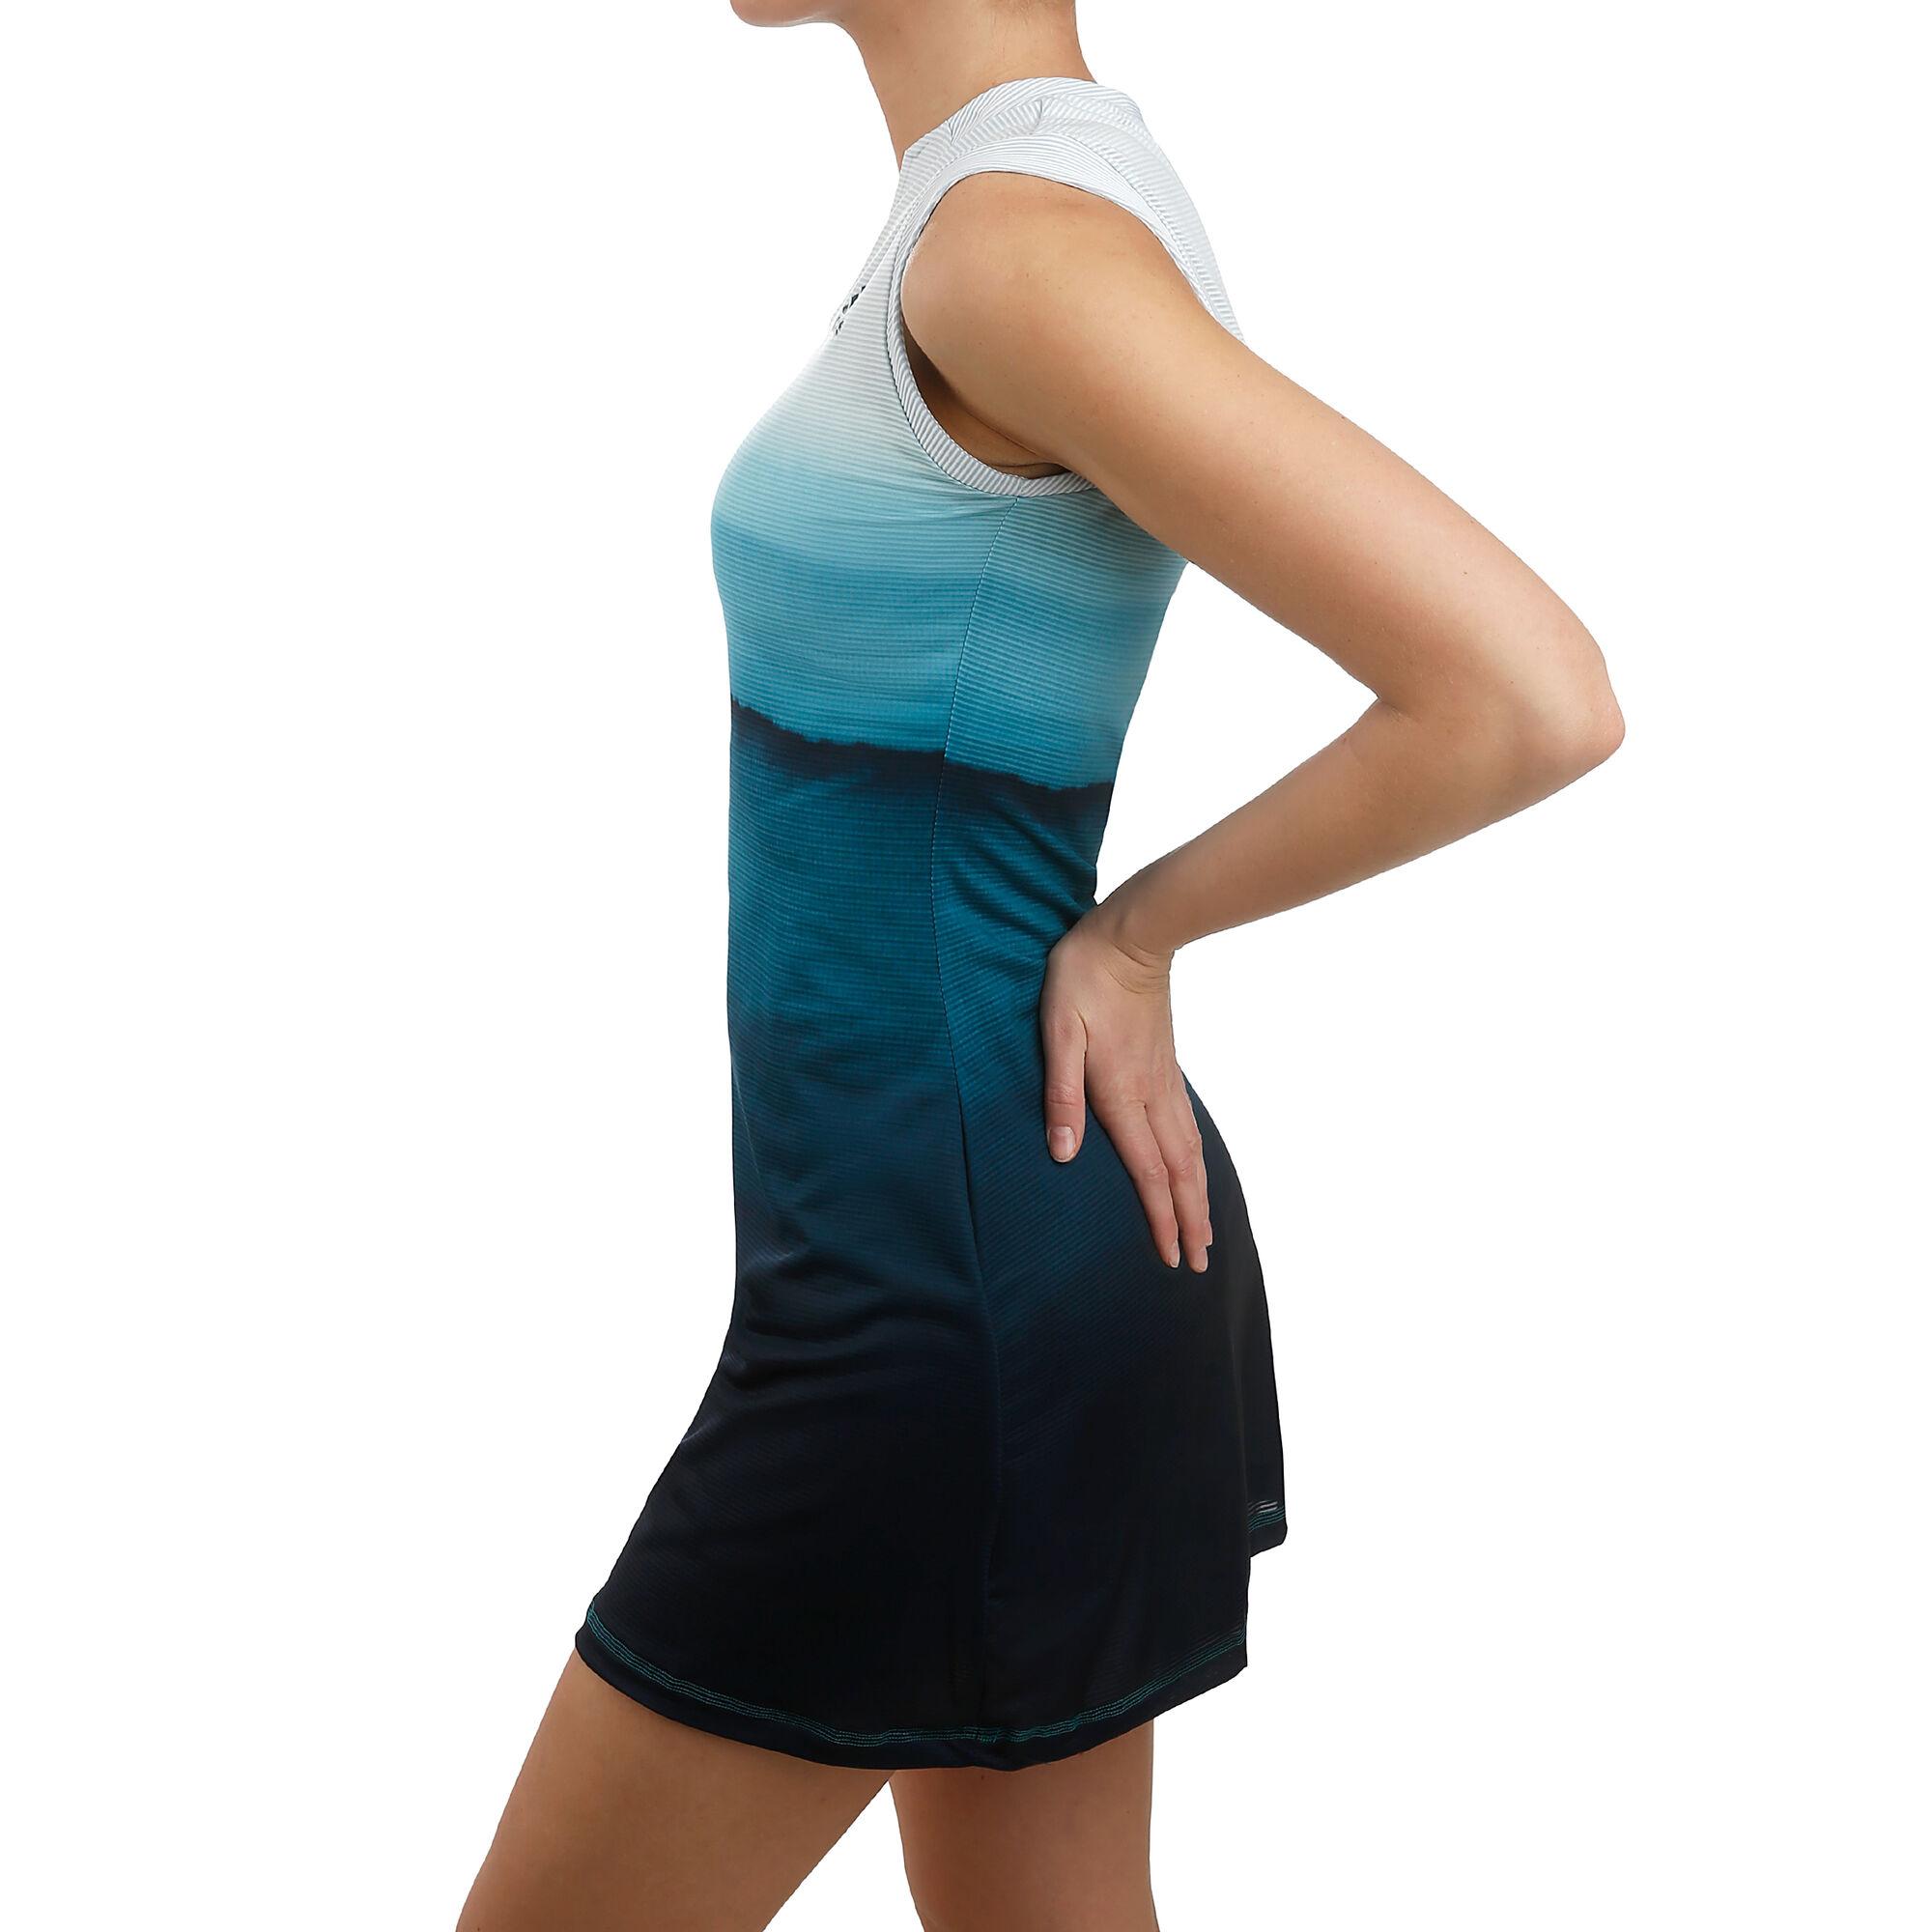 adidas Parley Kleid Damen - Weiß, Dunkelblau online kaufen ...